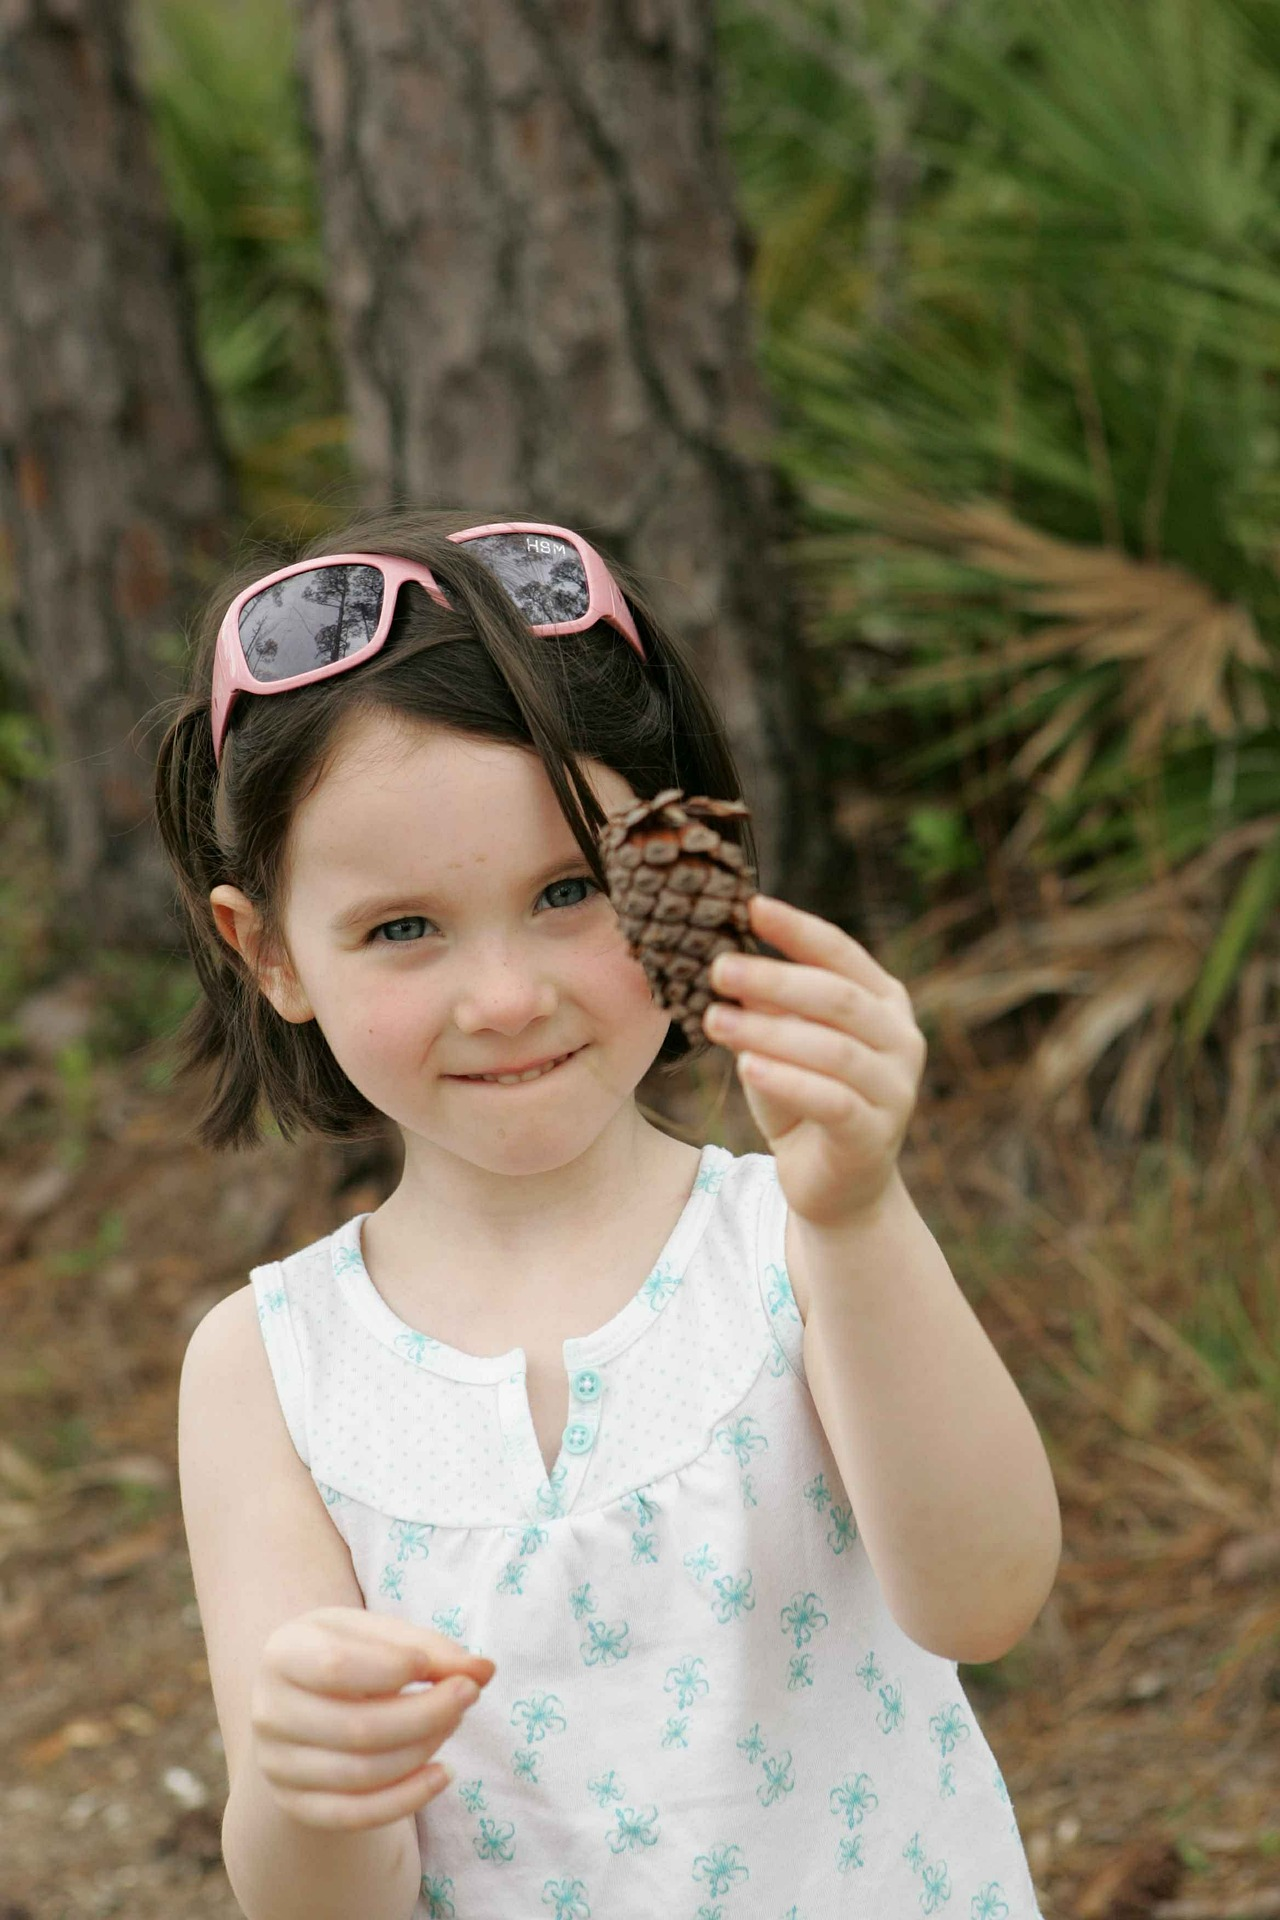 Quel bonheur de voir sur le visage de nos enfants, le résultat d'une magnifique trouvaille !